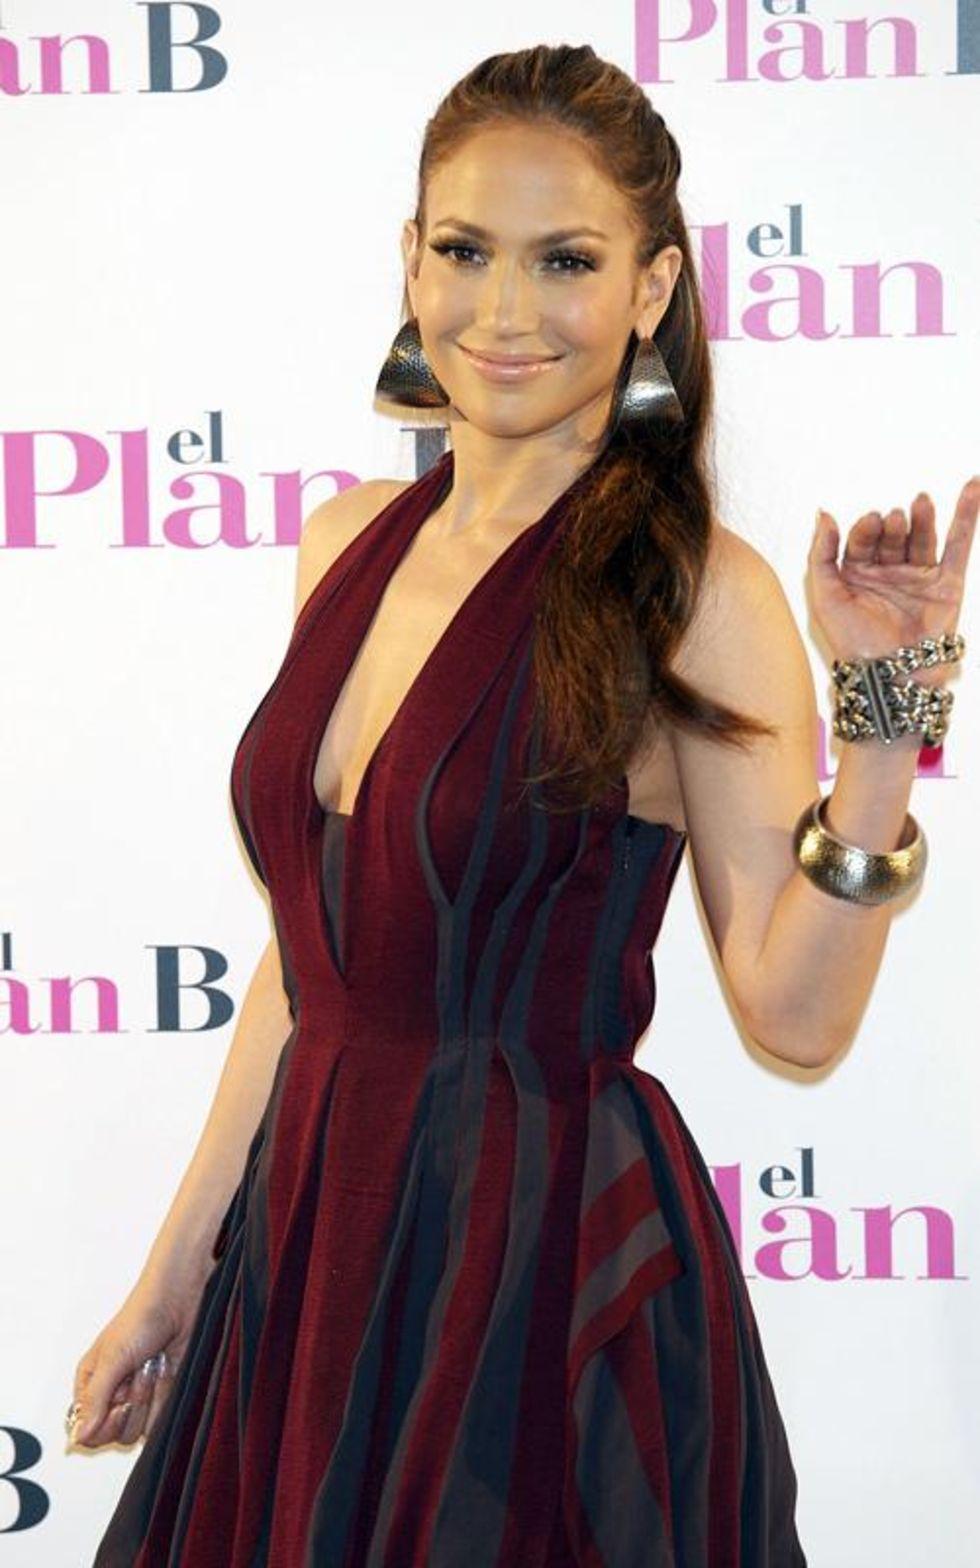 Jennifer Lopez 2010 : jennifer-lopez-candids-in-spain-13